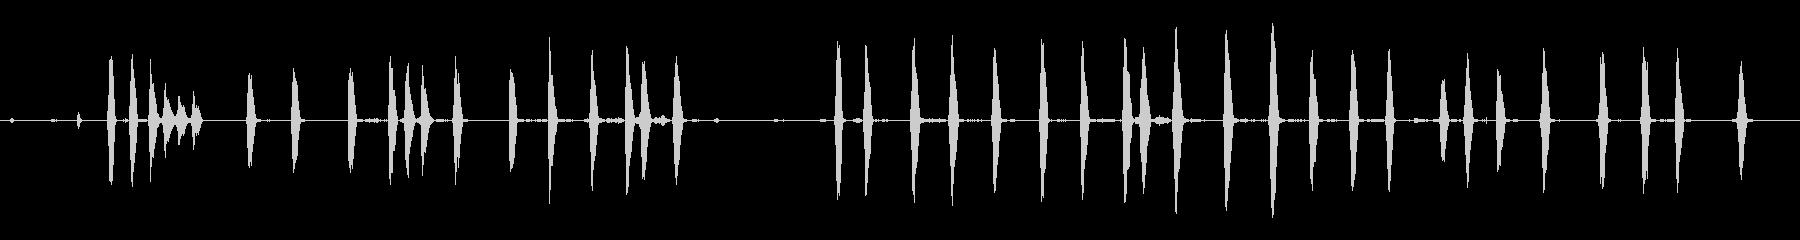 大型ウォッチドッグ:Barえるの未再生の波形